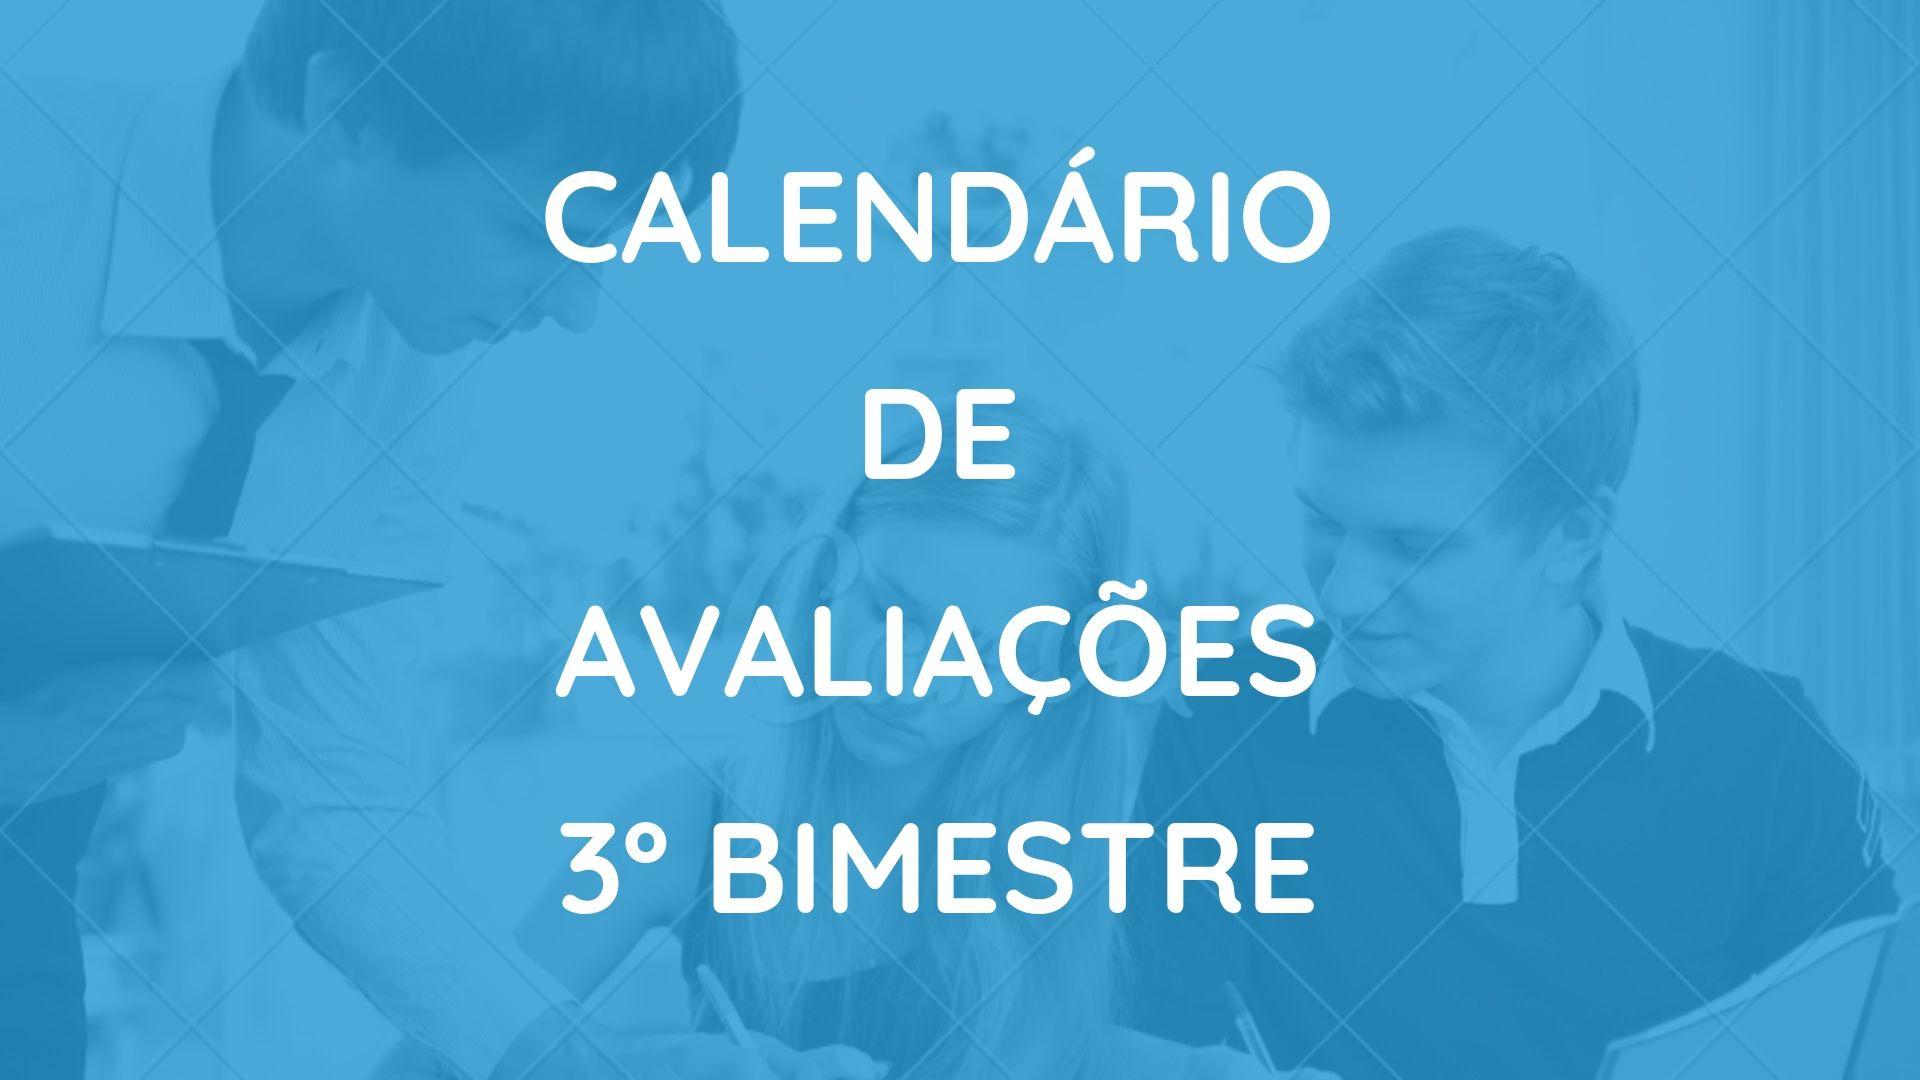 CALENDÁRIO DE AVALIAÇÕES 3º BIMESTRE